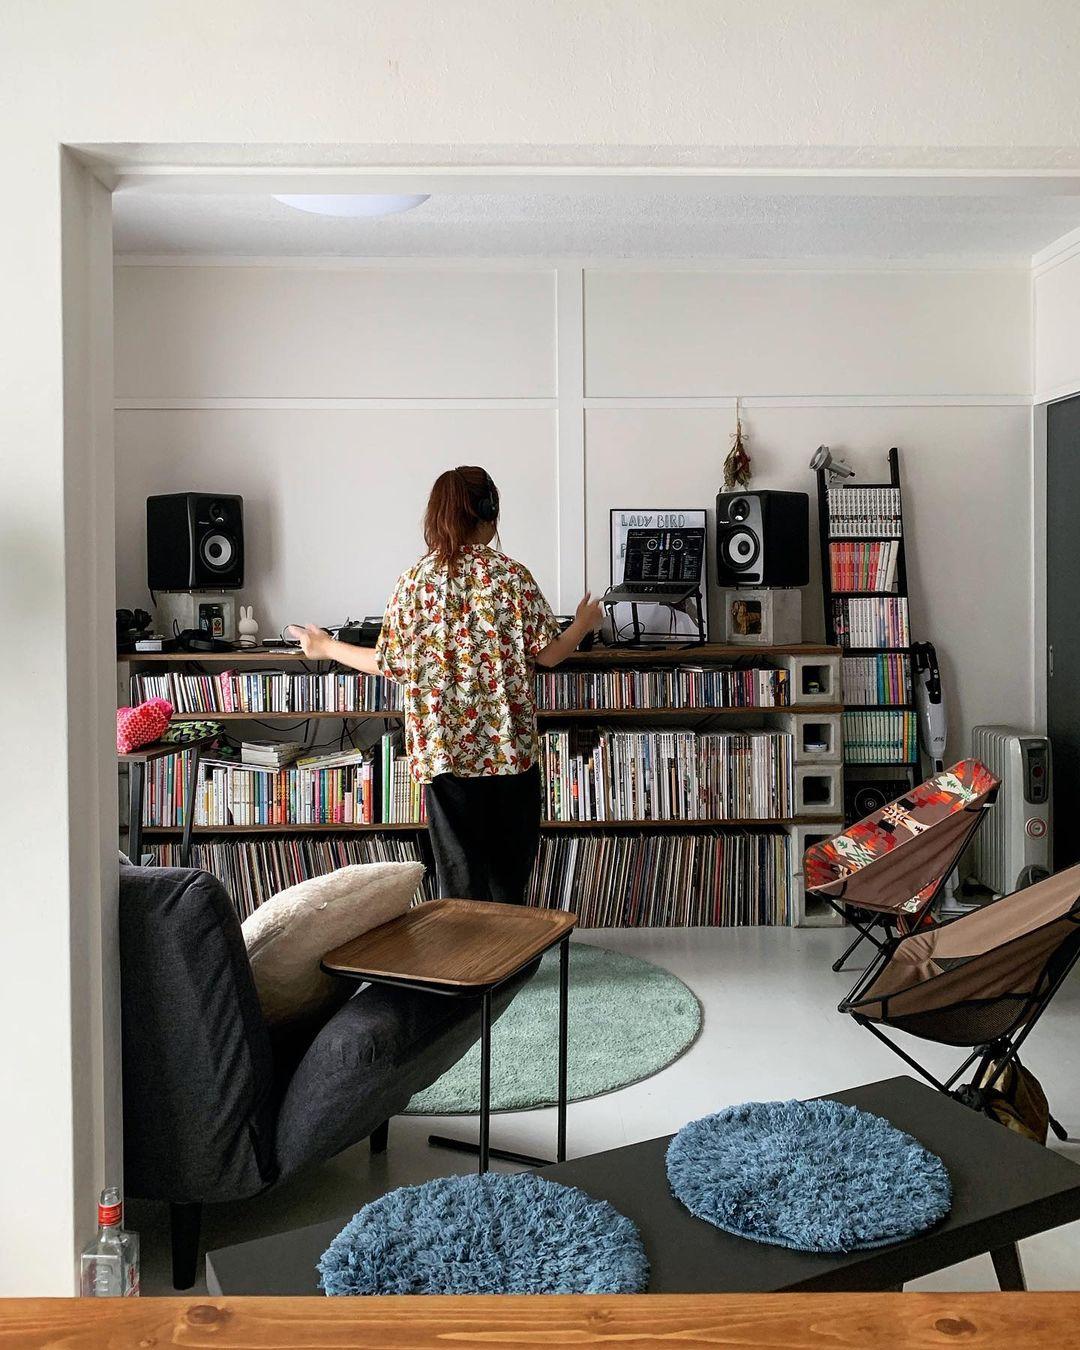 趣味のDJを楽しむ、二人暮らしの方の事例。お気に入りはDIYで作られたDJブース。ソファやアウトドアチェアを並べて、思い思いに音楽が楽しめるスペースになっています。